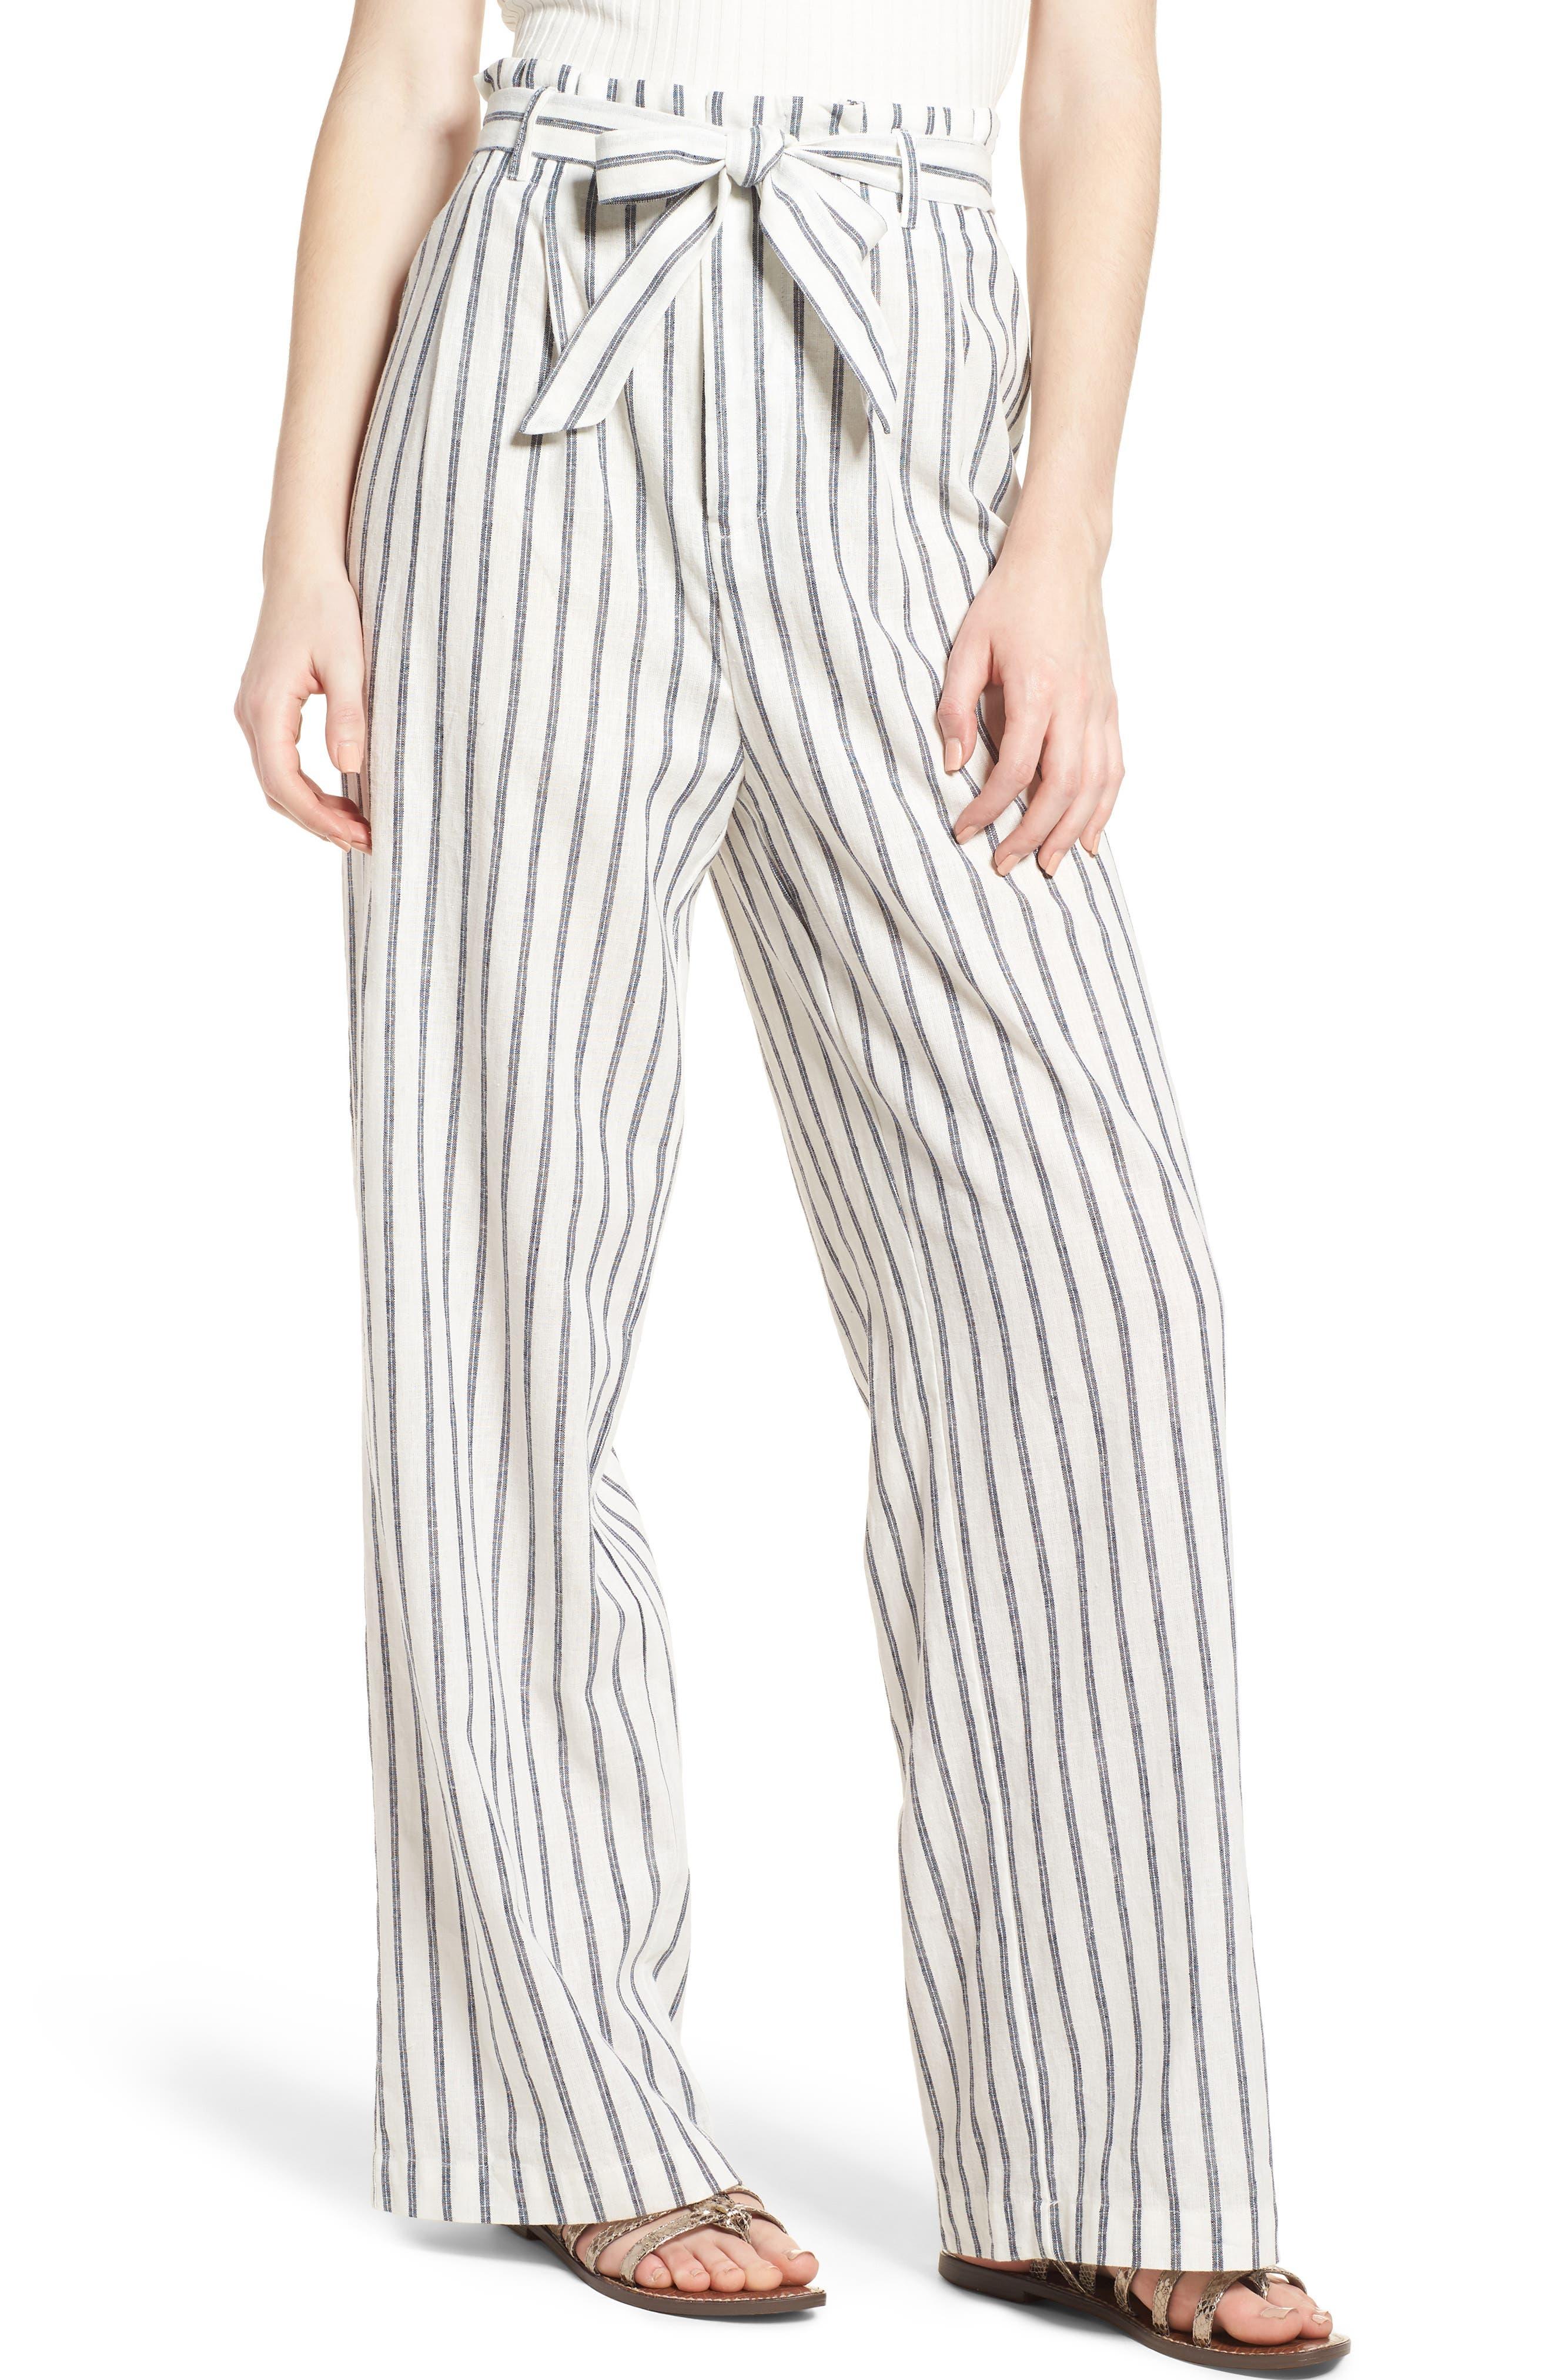 Paper Bag Linen & Cotton Pants,                         Main,                         color, IVORY / BLUE STRIPE